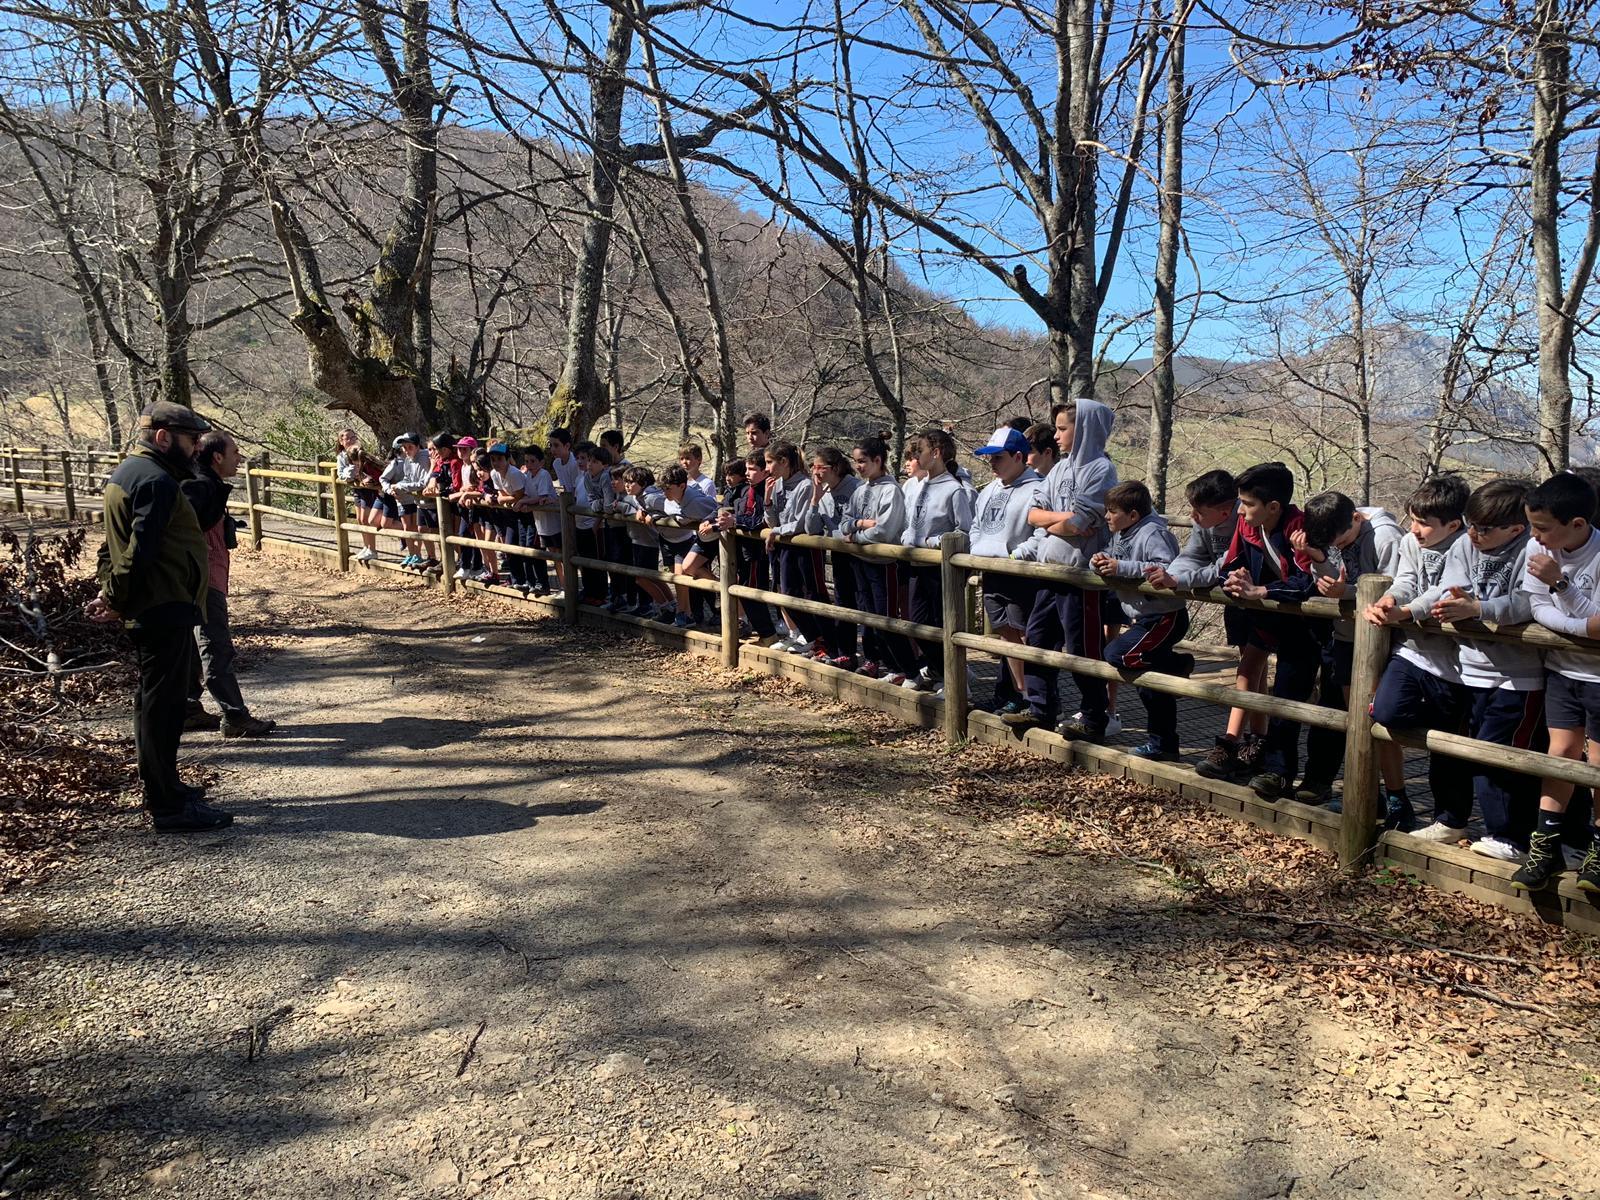 Los programas de educación ambiental de primavera concluyen con 3.700 participantes